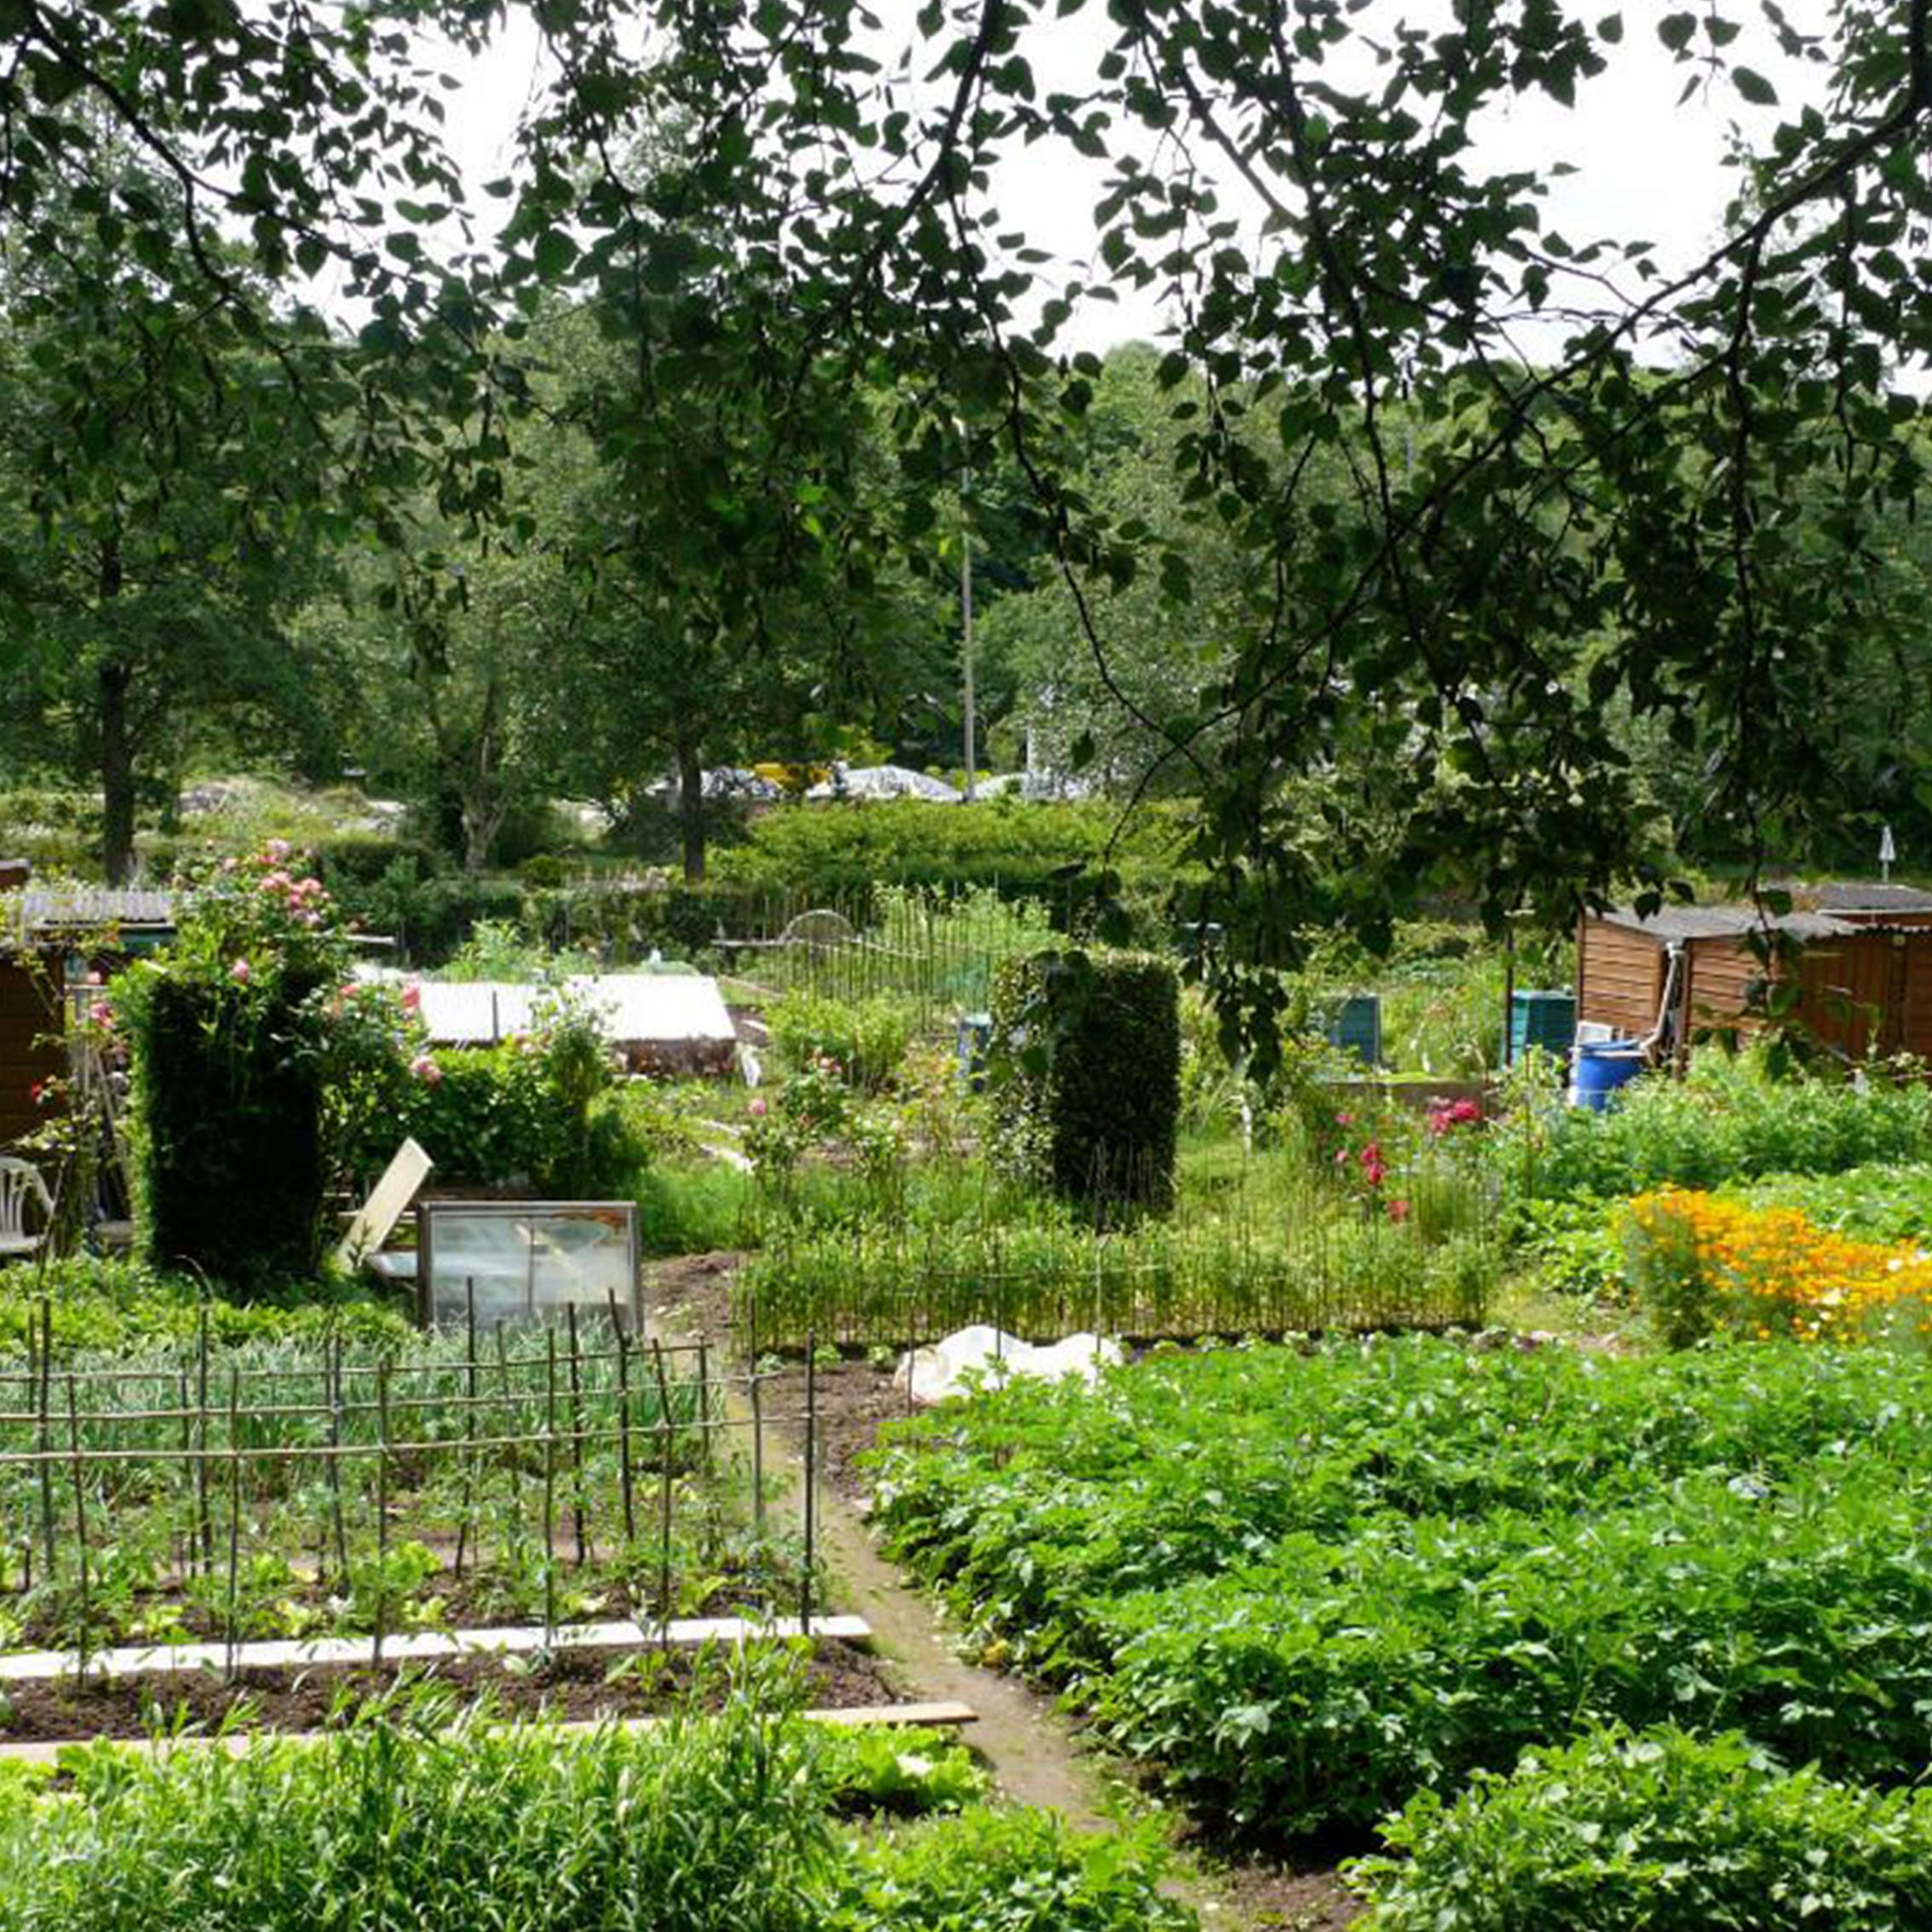 Les jardins partagés Caen ça bouge parcours balade vélo